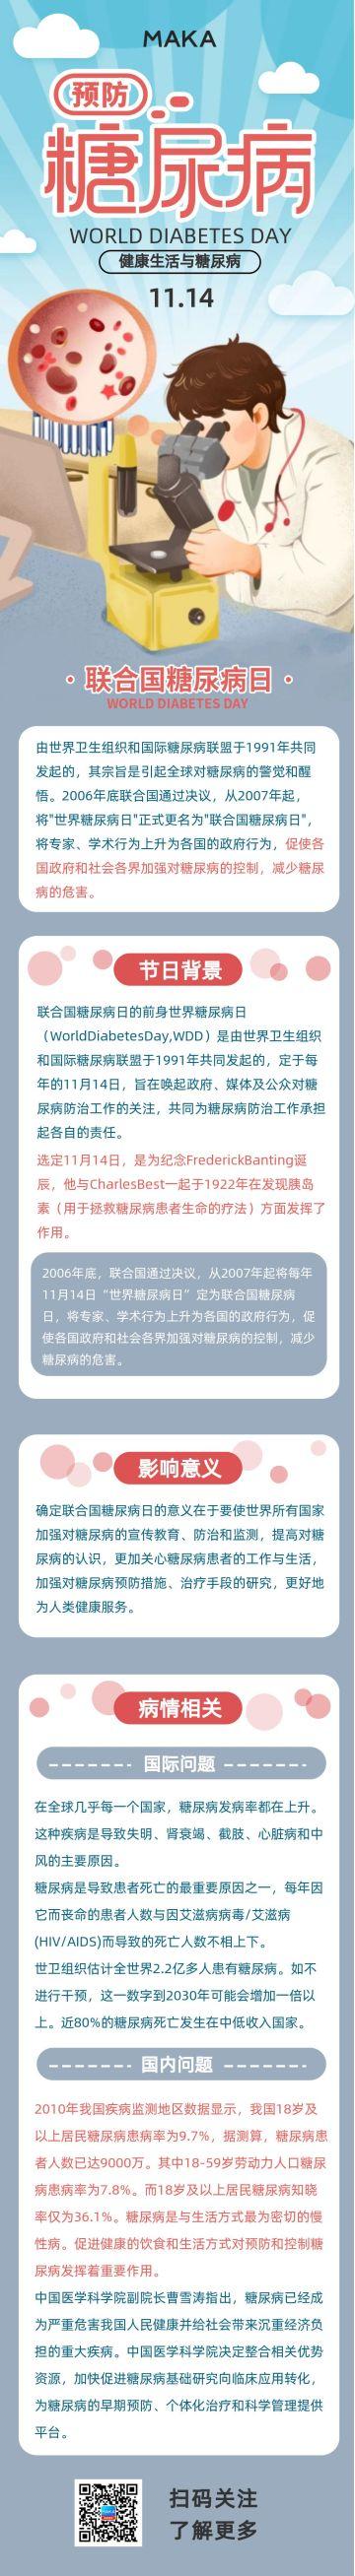 蓝色扁平世界糖尿病日知识科普宣传文章长图